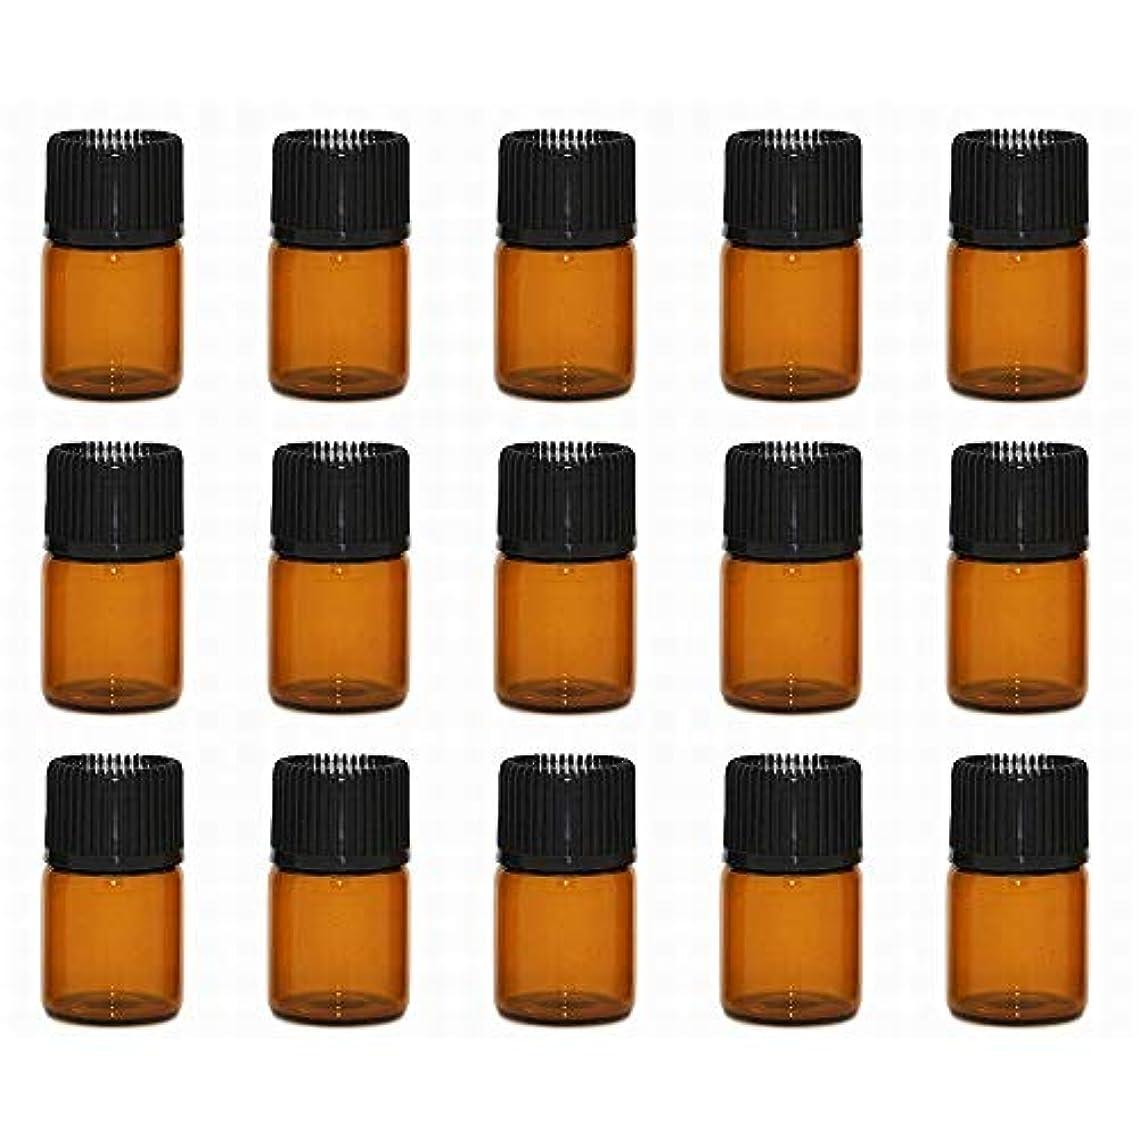 フィラデルフィア不足アナウンサーアロマオイル 精油 小分け用 遮光瓶 セット (1ml 20本 セット)